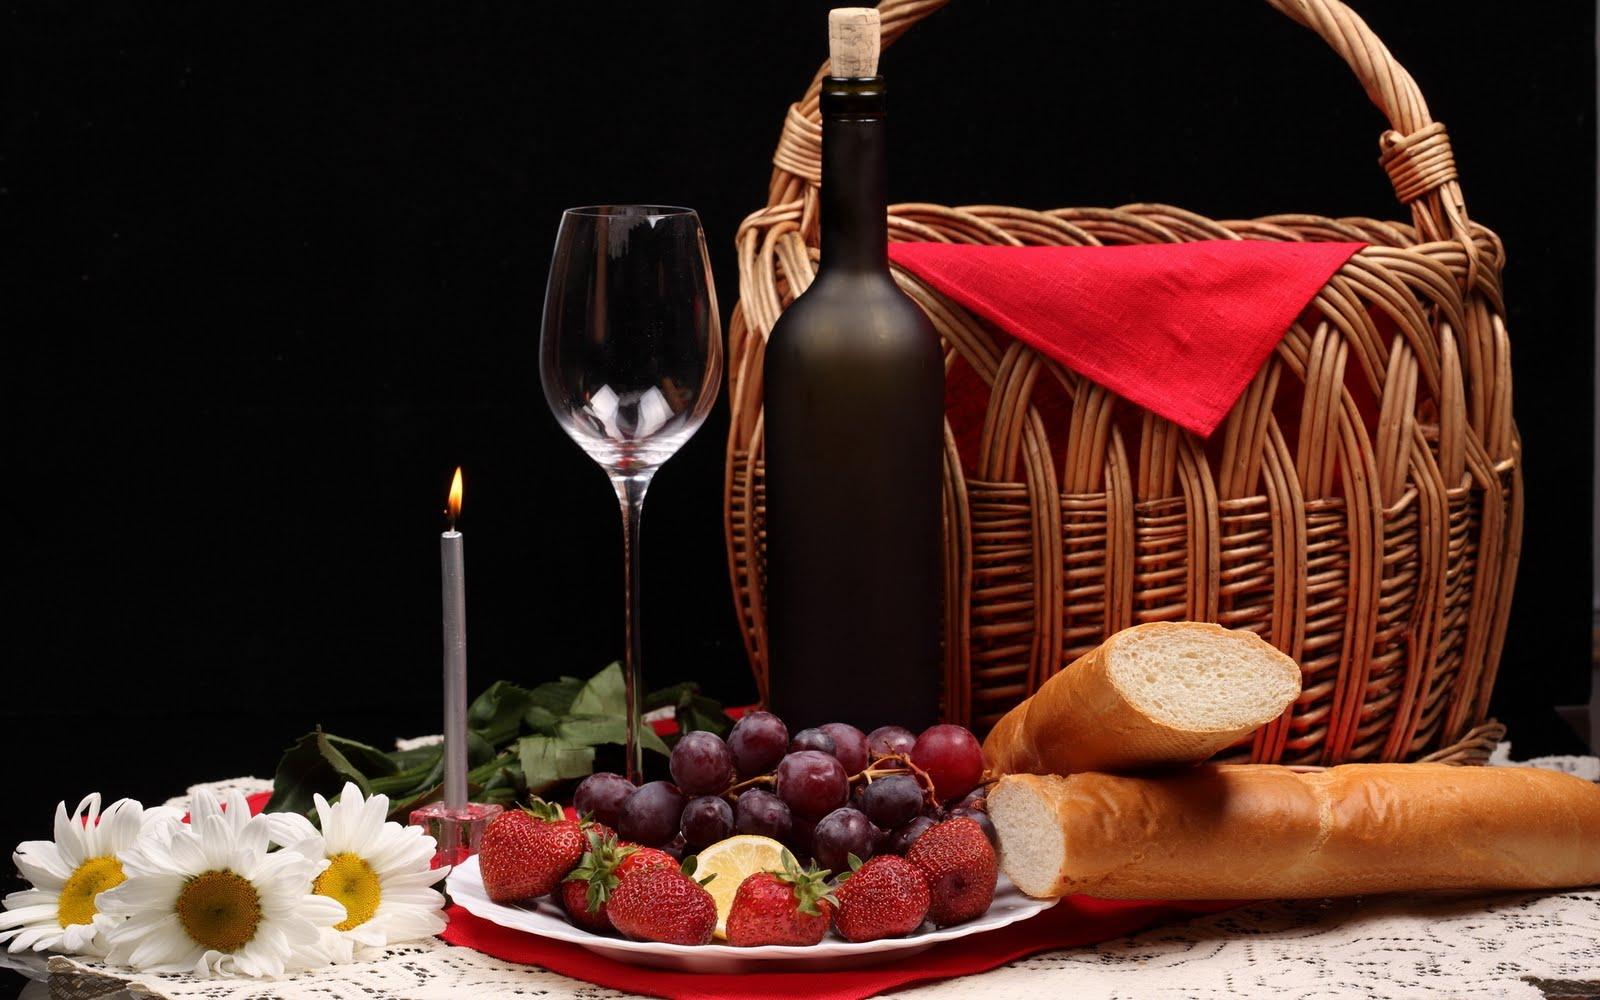 BANCO DE REGALOS AÑO 2013 AMIGO SECRETO  - Página 6 Cena-ligera-pan-y-vino-light-dinner-1920x1200